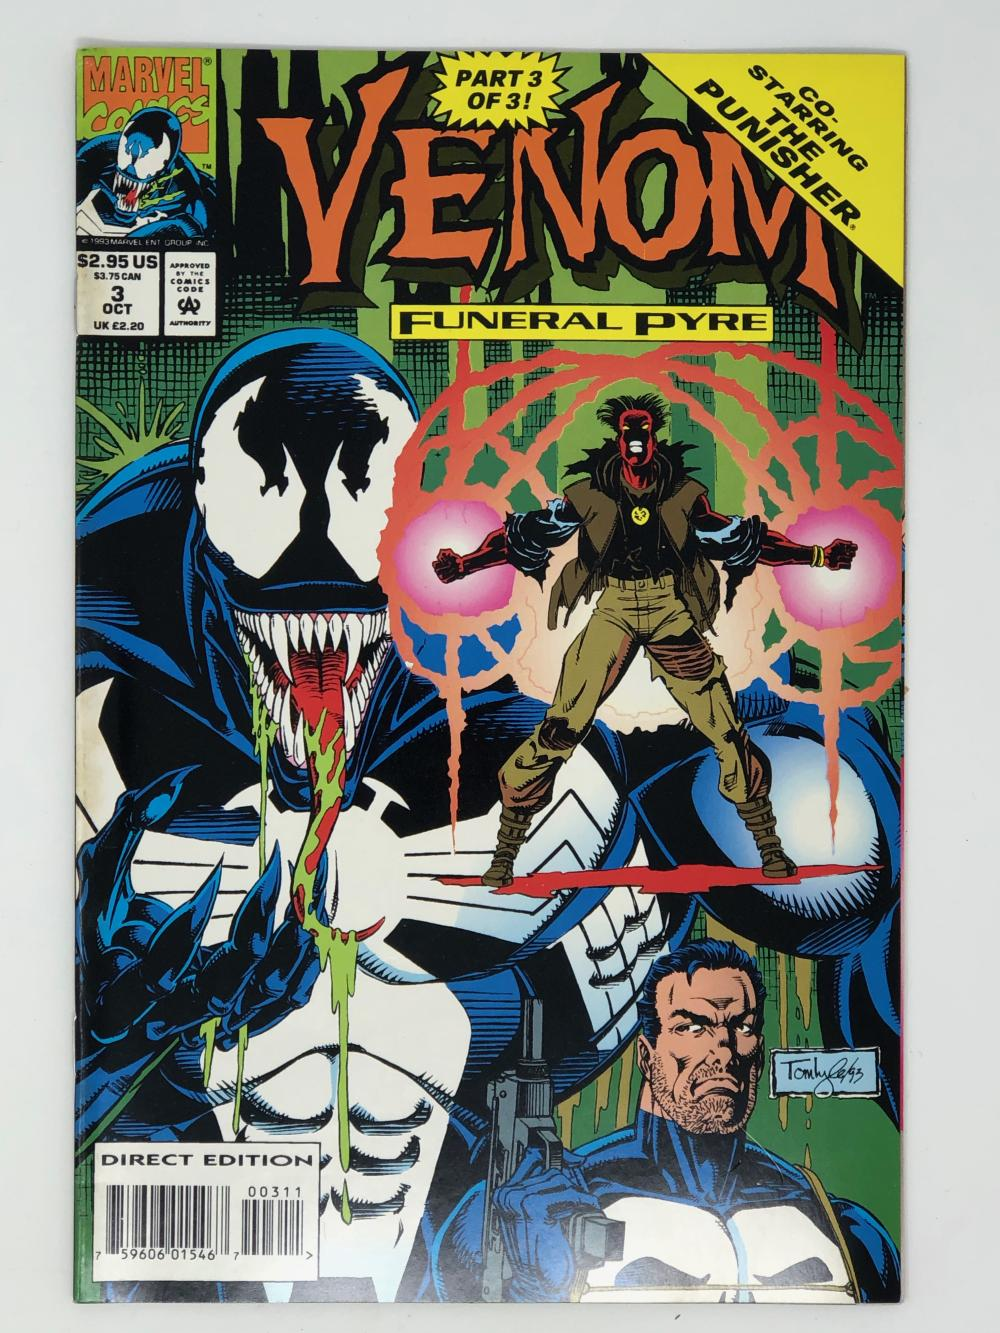 MARVEL, Venom part 3 of 3 , no 3